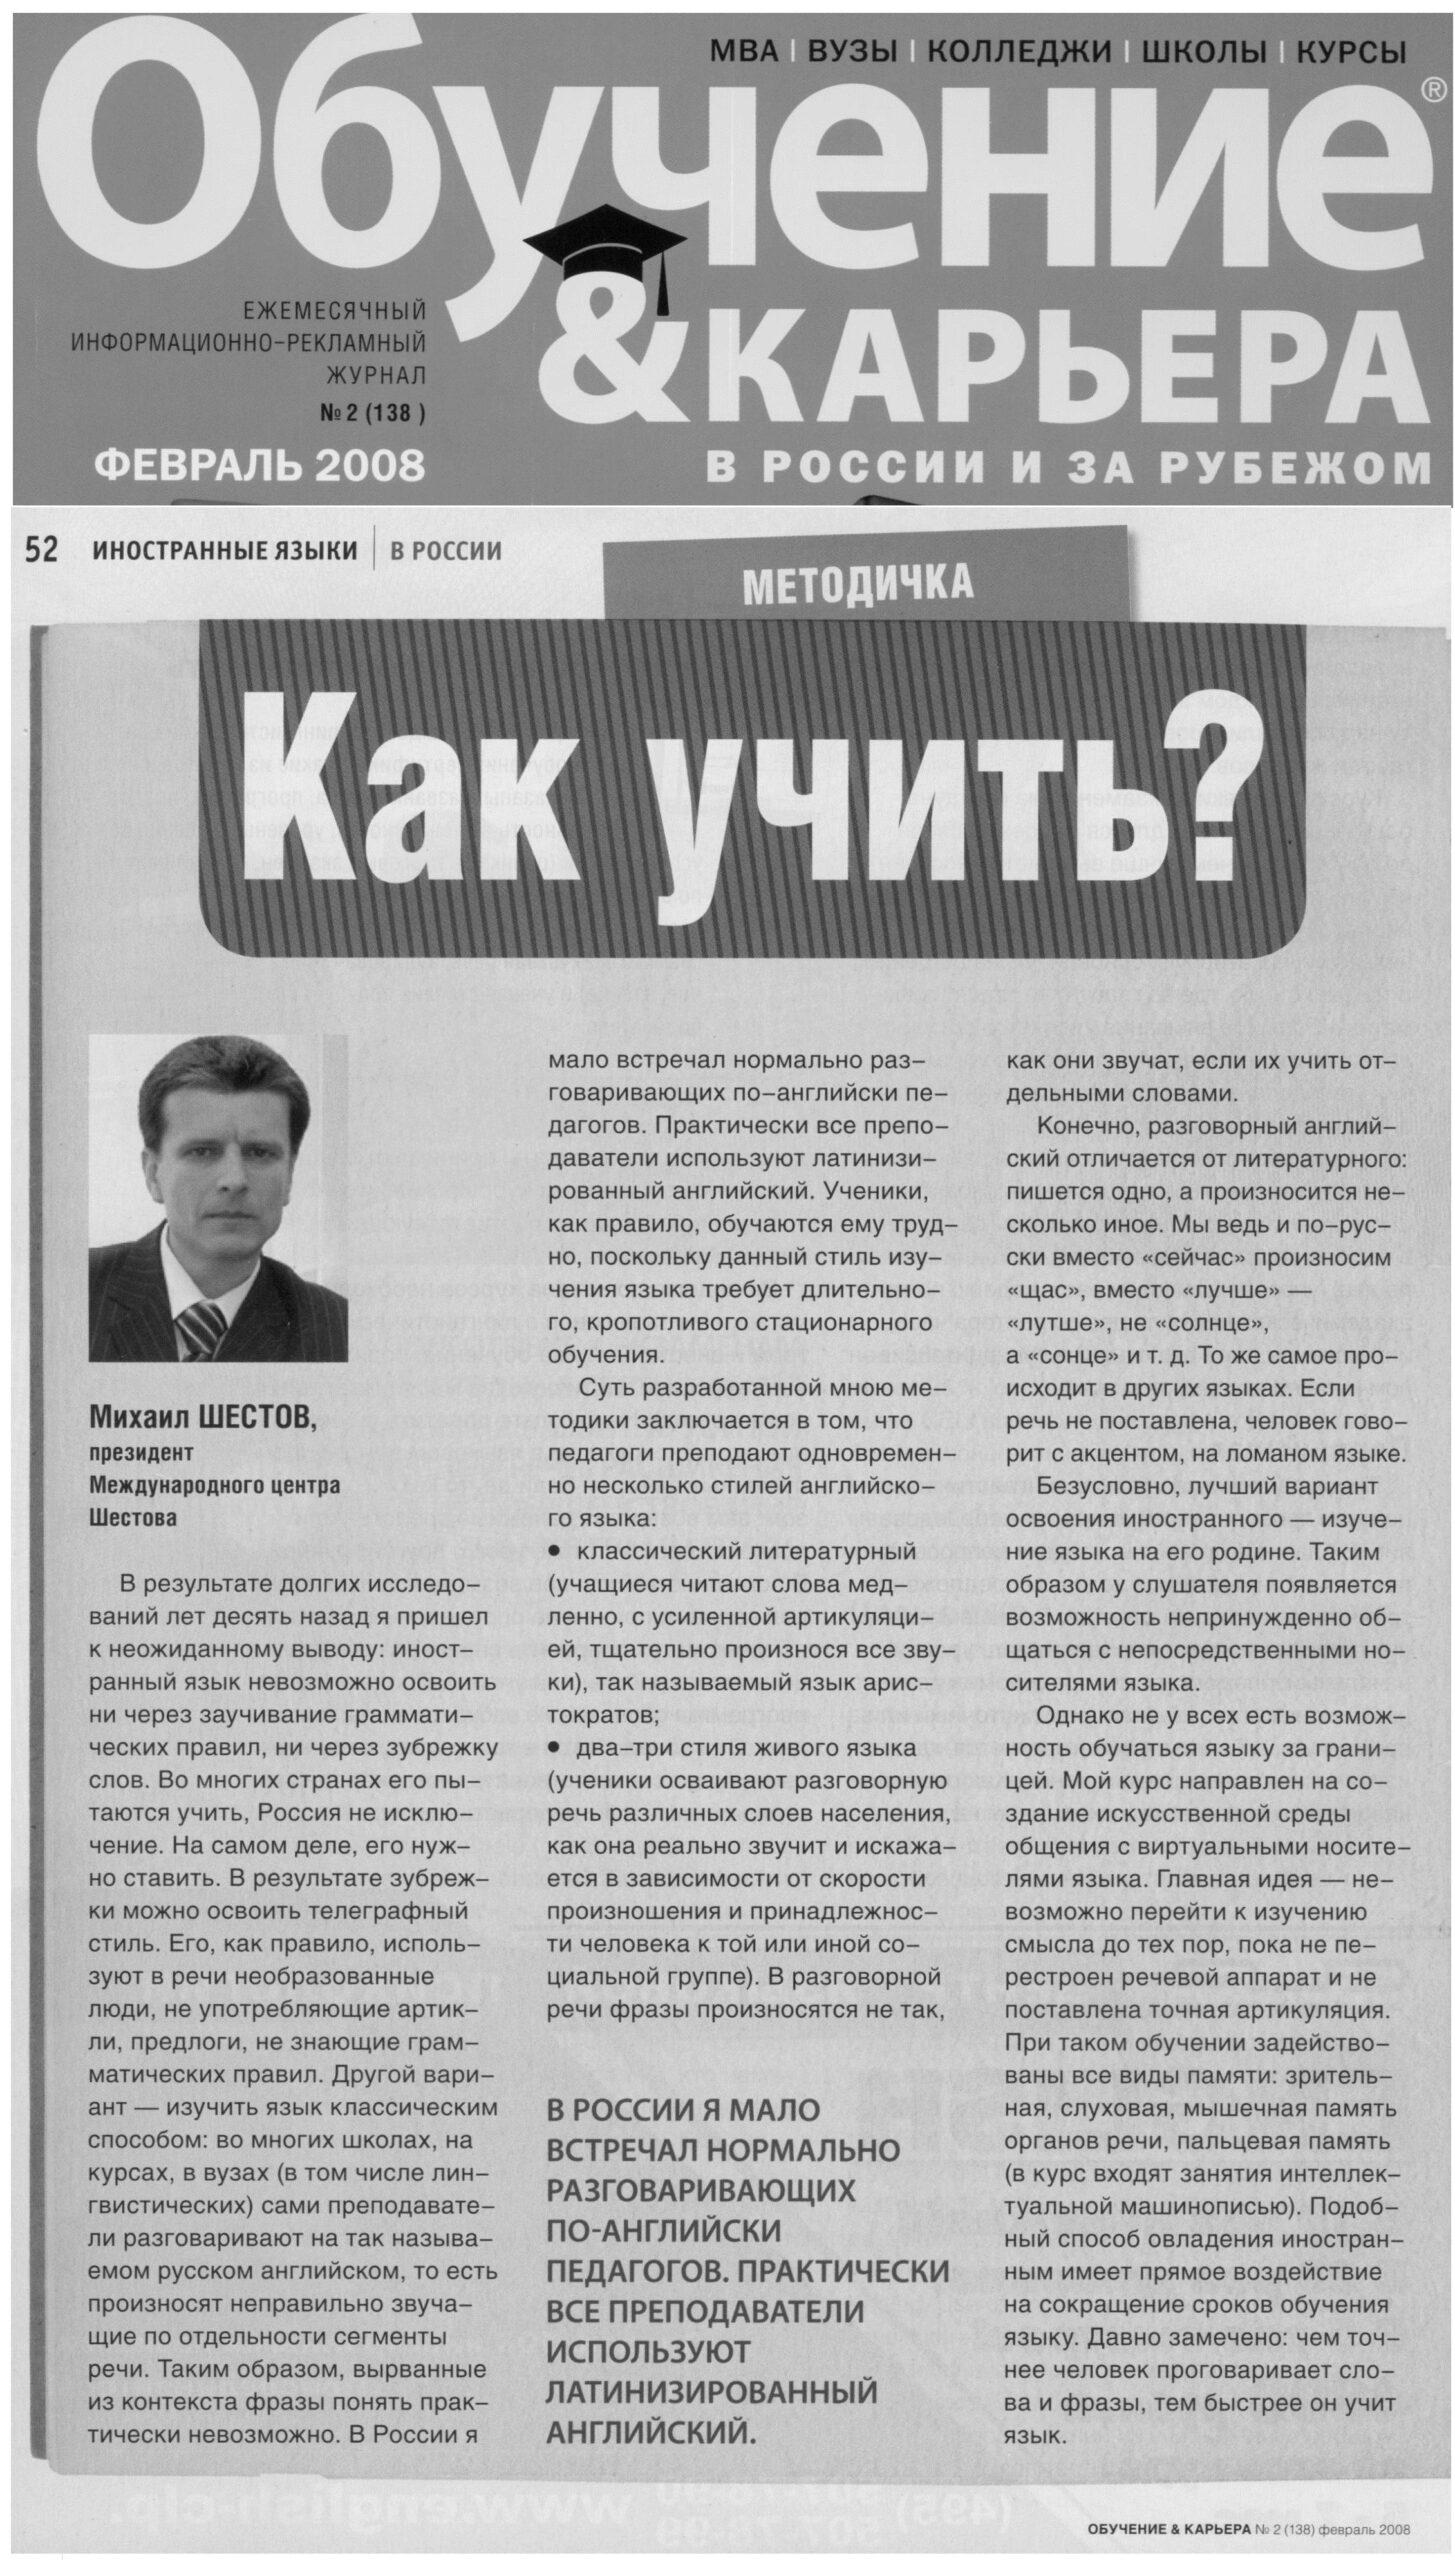 «Обучение & карьера», 2008